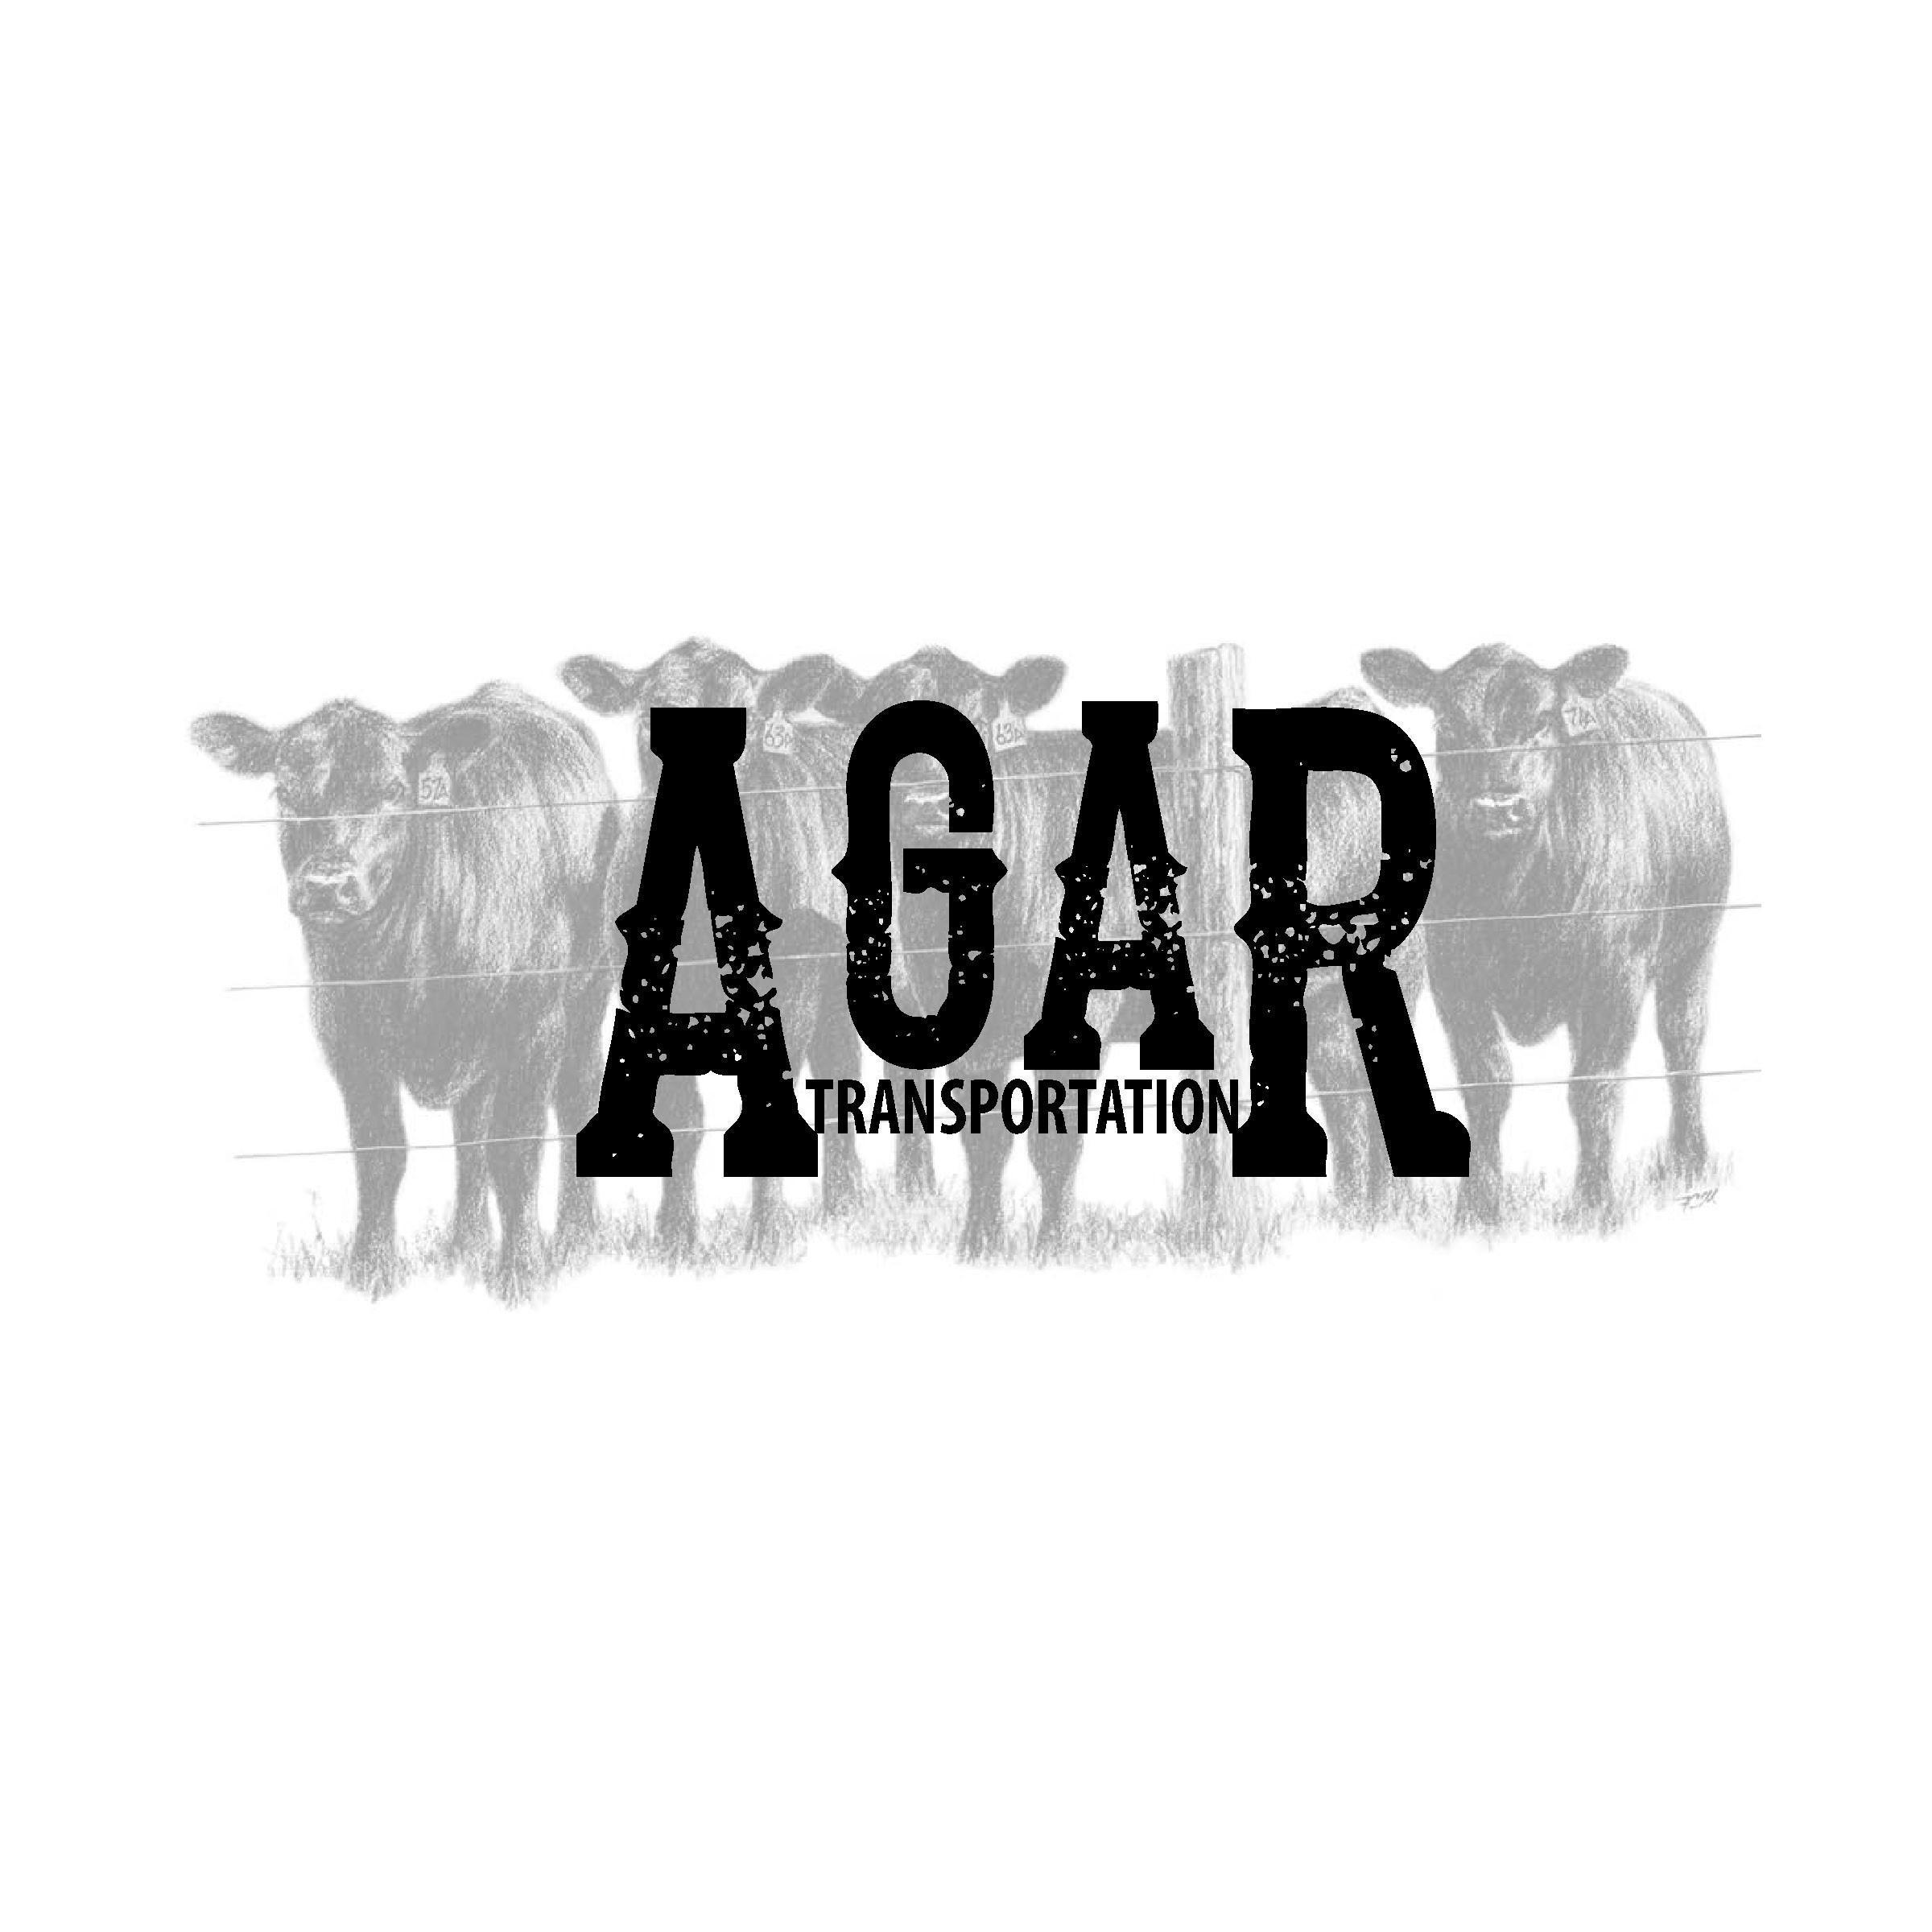 Agar Transportation